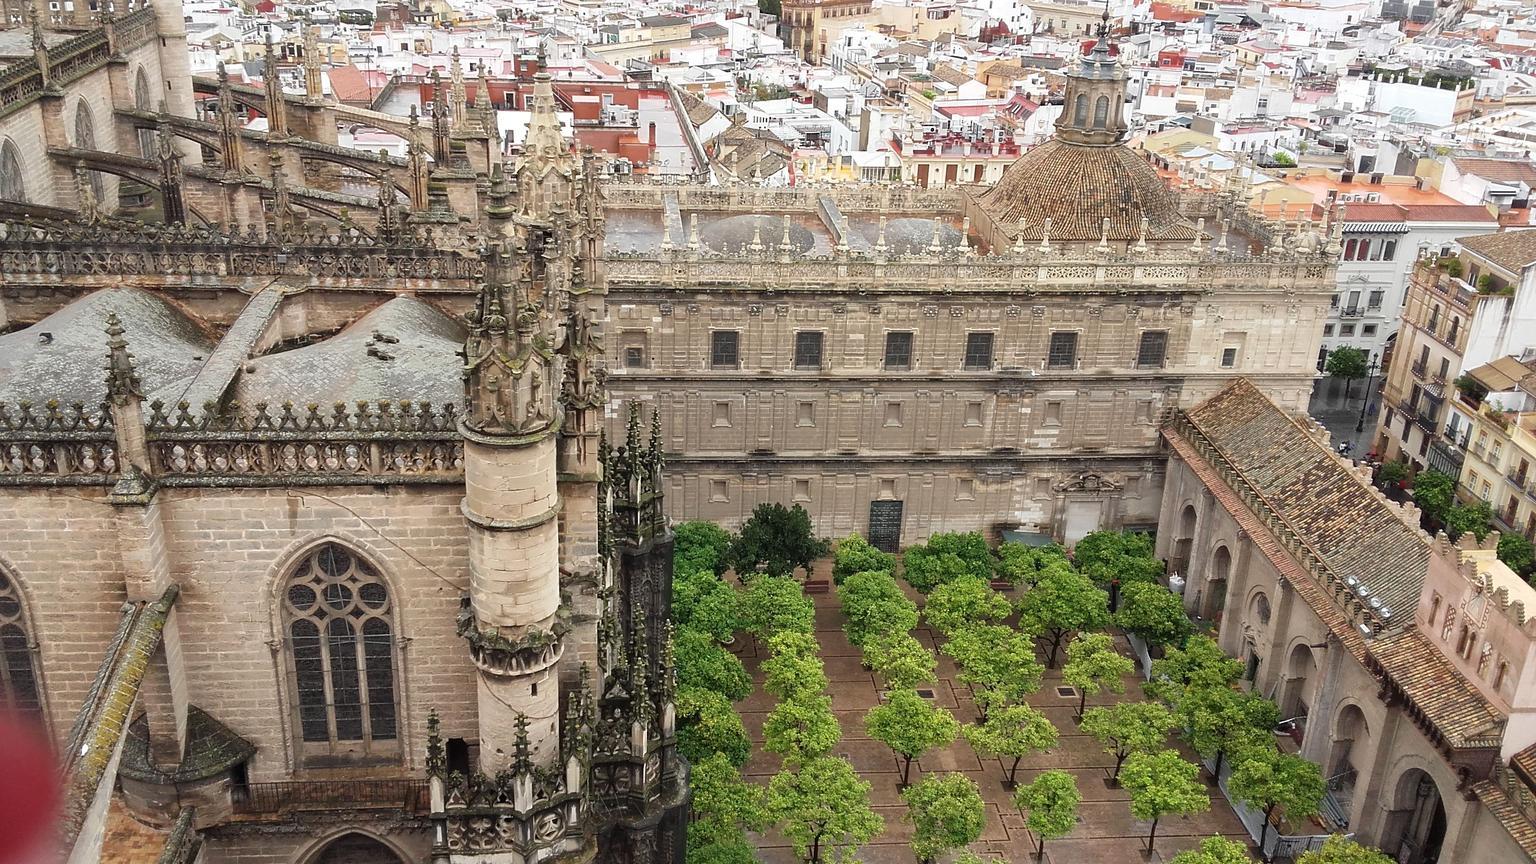 MAIS FOTOS, Excursão guiada pela Catedral e pelo Alcázar de Sevilha (Evite filas)